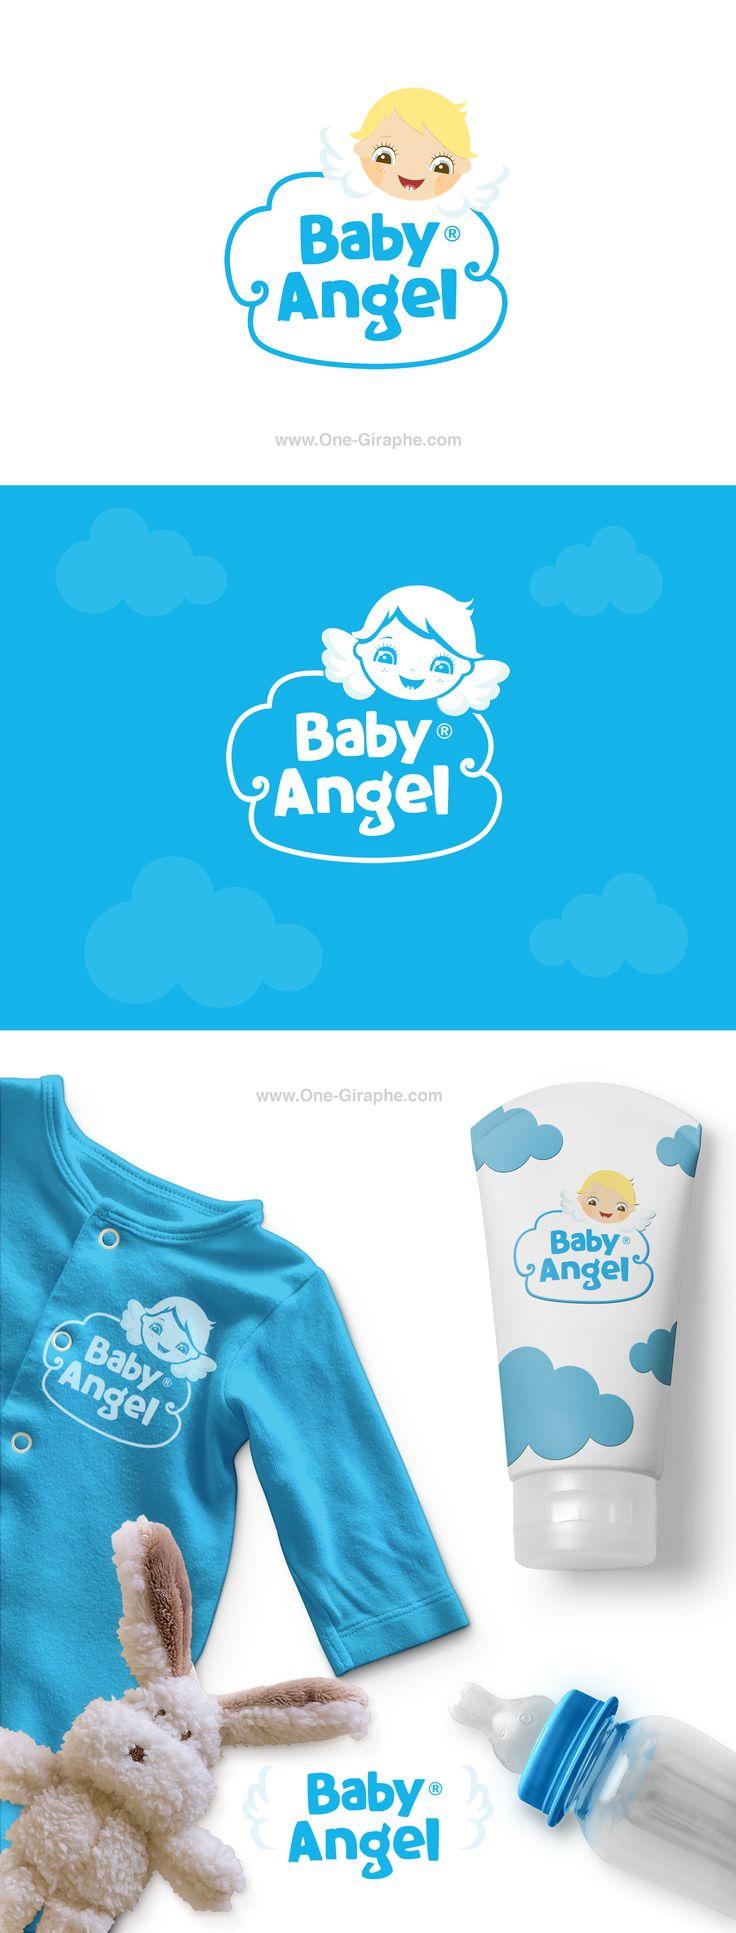 Baby Angel - logo for sale! http://one-giraphe.com/prev.php?c=208  #baby #logo #etsy #etsyseller #nursery #sweet #love #logodesign #behance #inspiration #love #babylogo #angel #graphic #graphicdesign #logo #logos